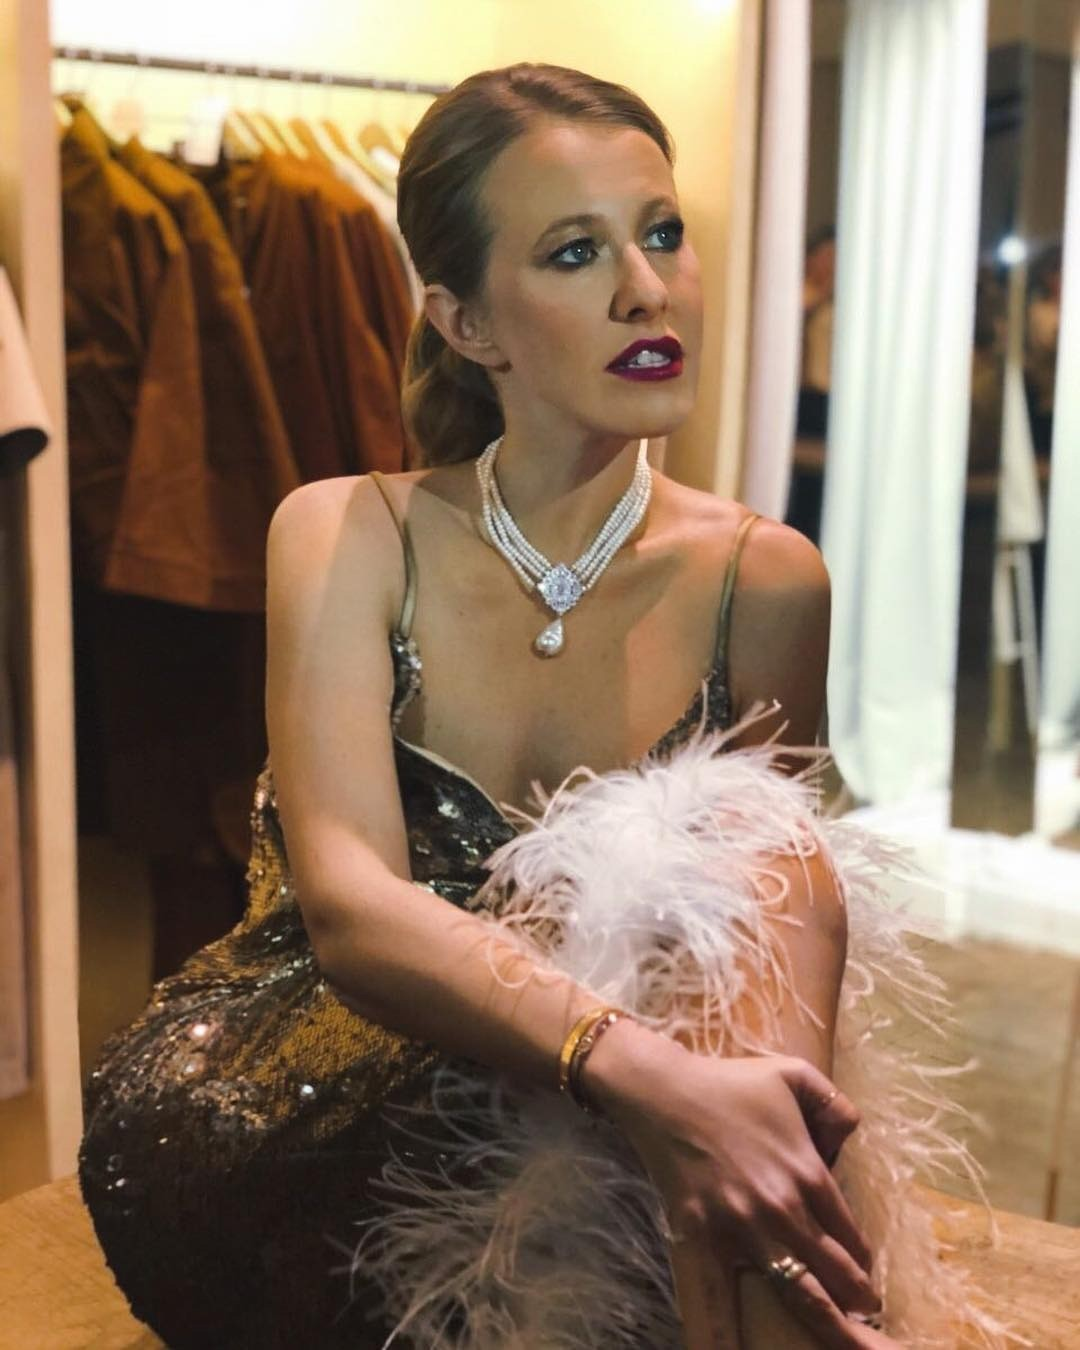 Ксения Собчак подразнила подписчиков дорогой сумкой